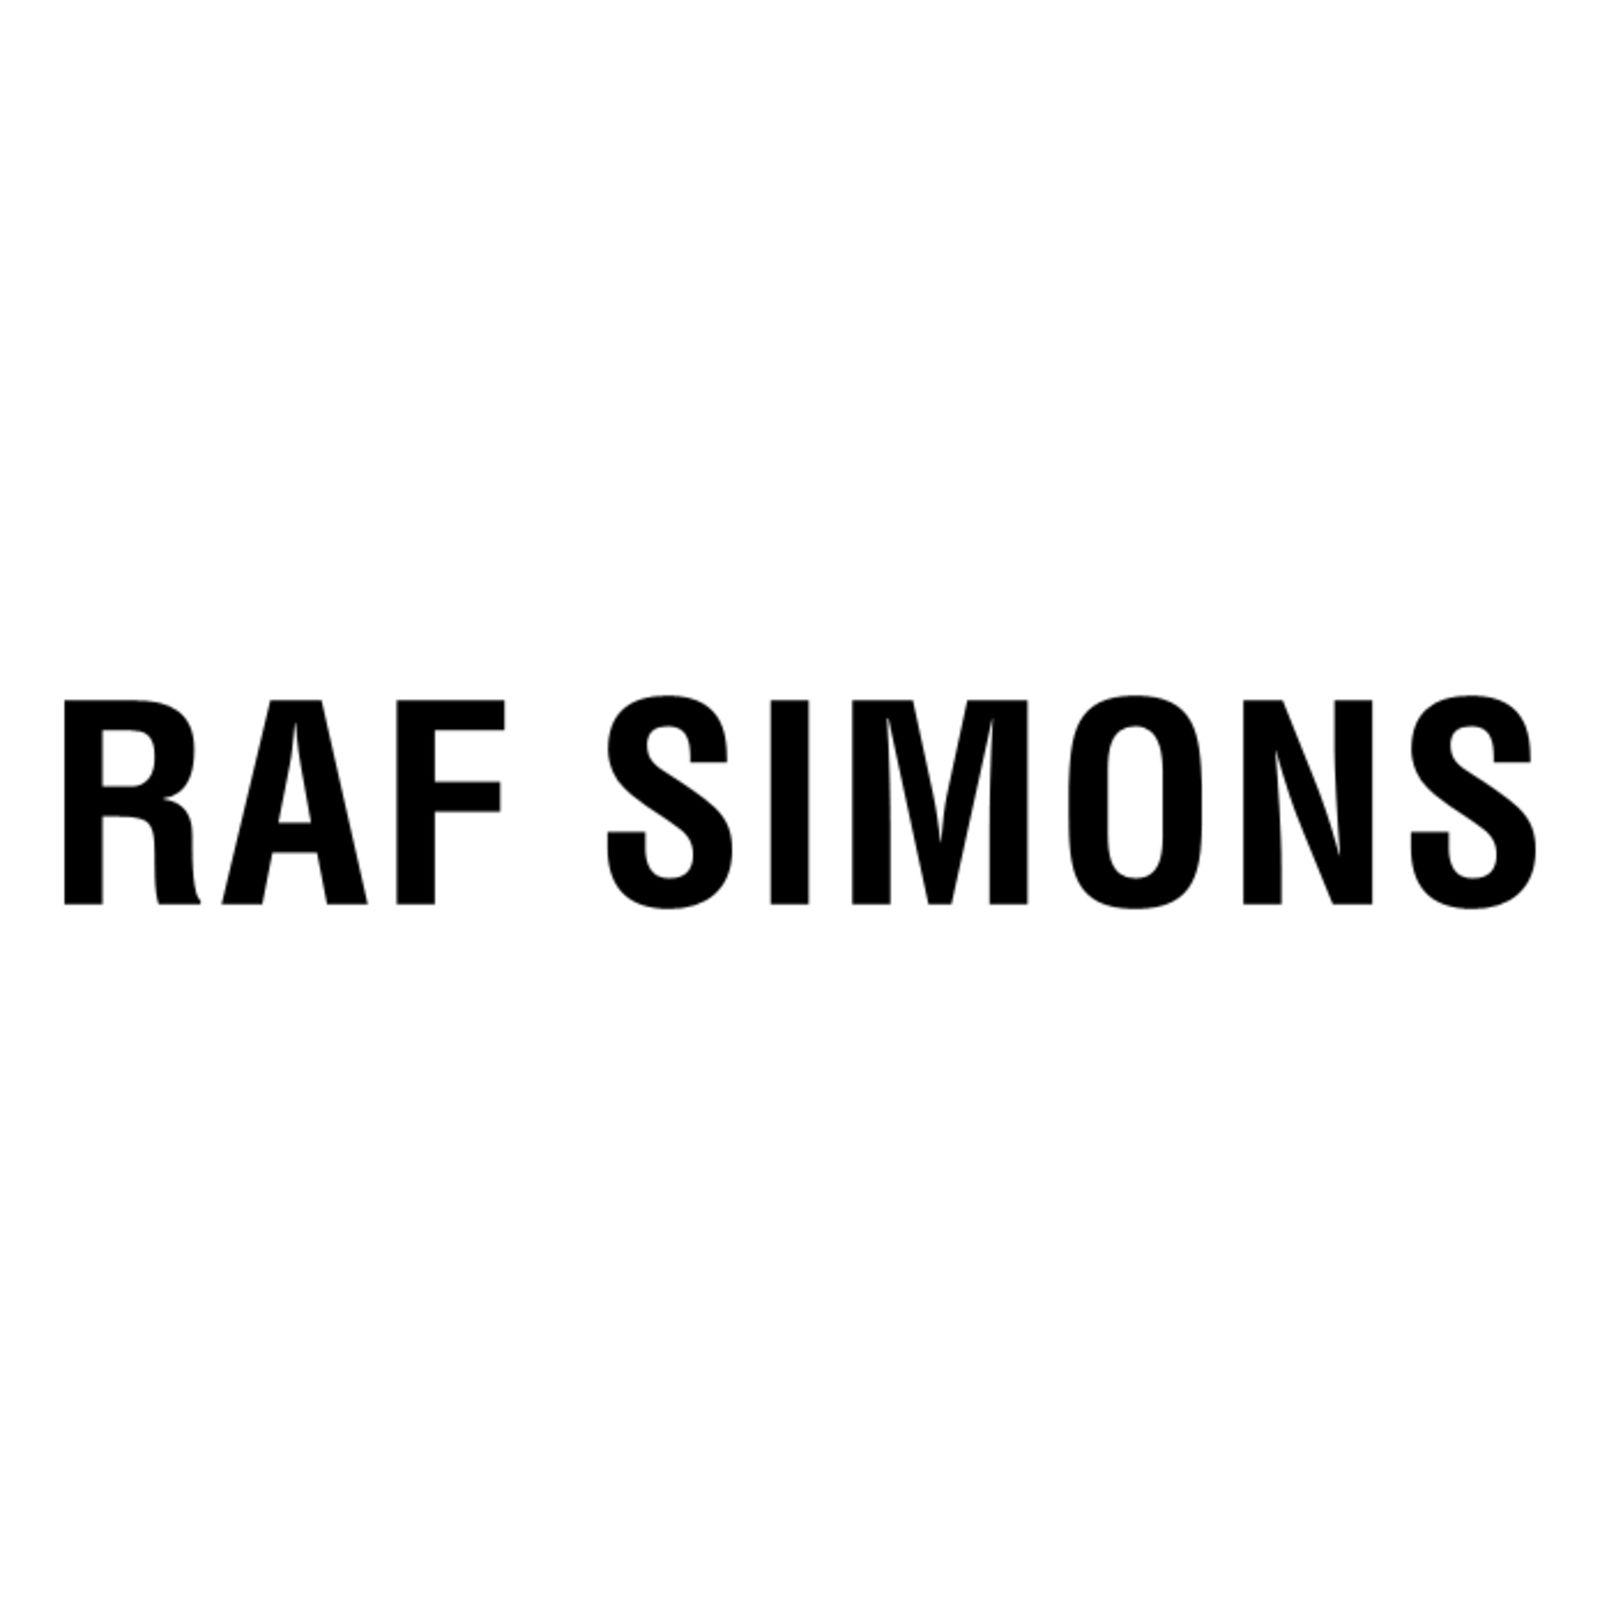 RAF SIMONS (Image 1)